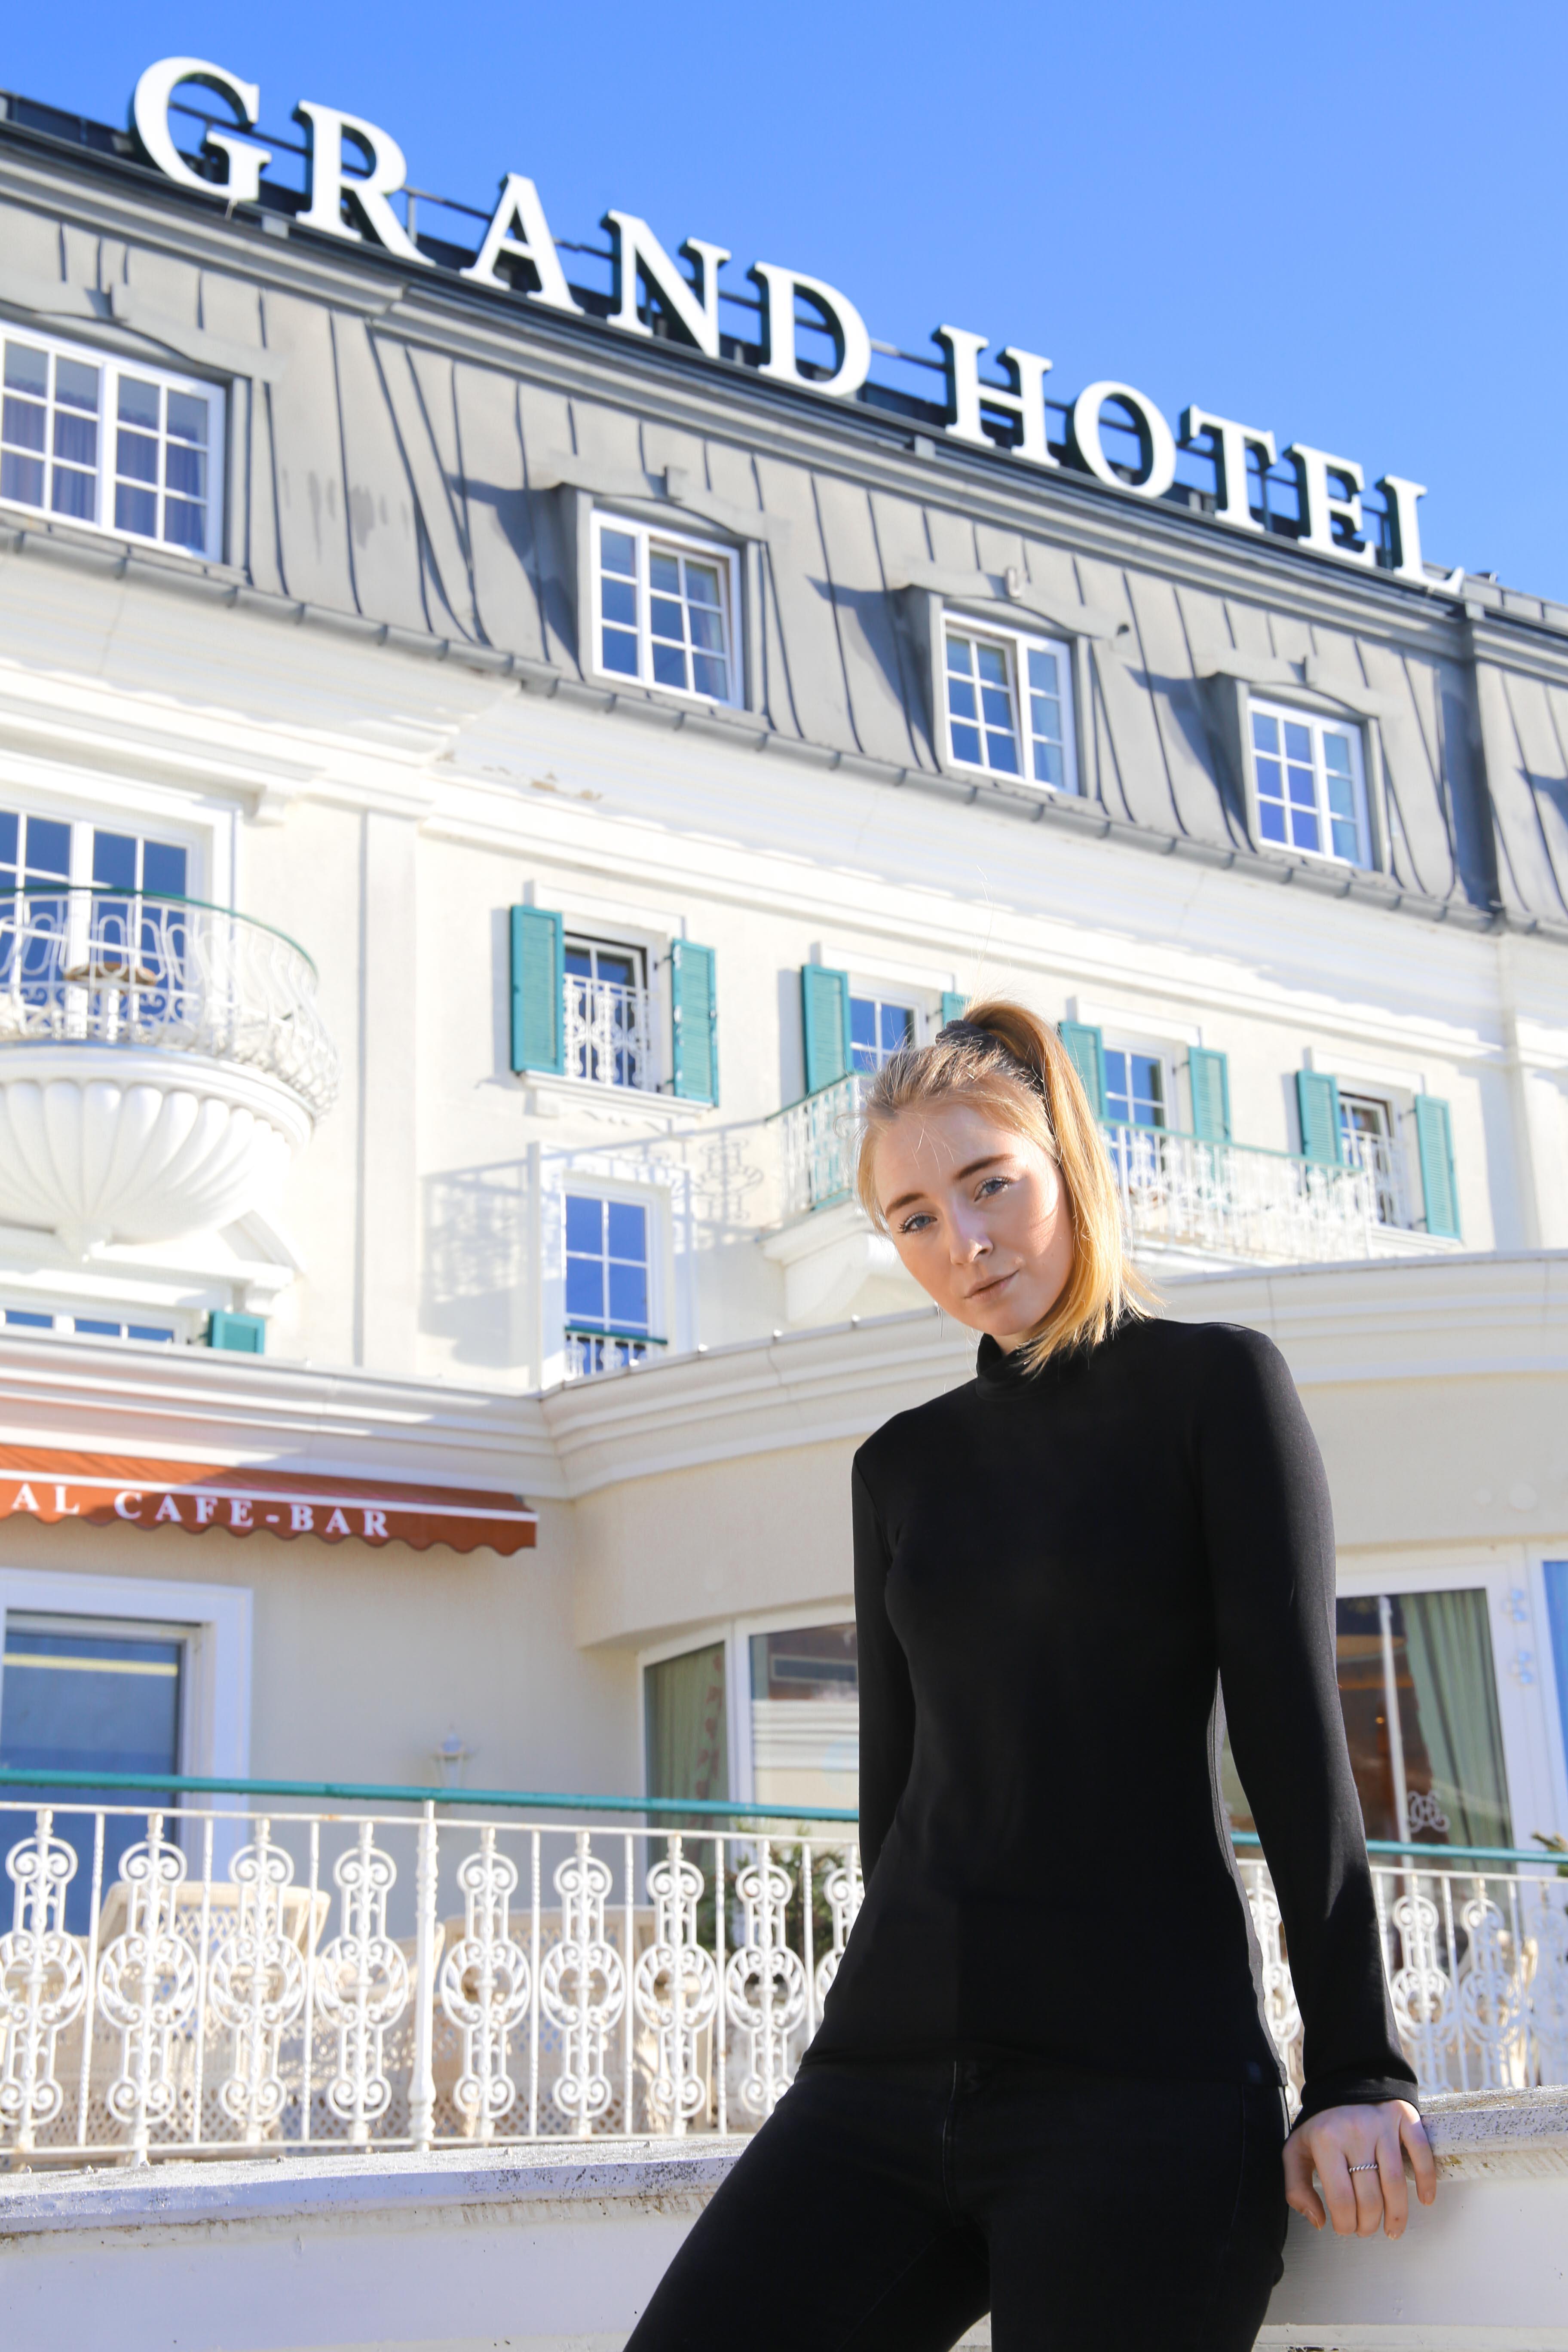 grand-hotel-zell-am-see-mädchen